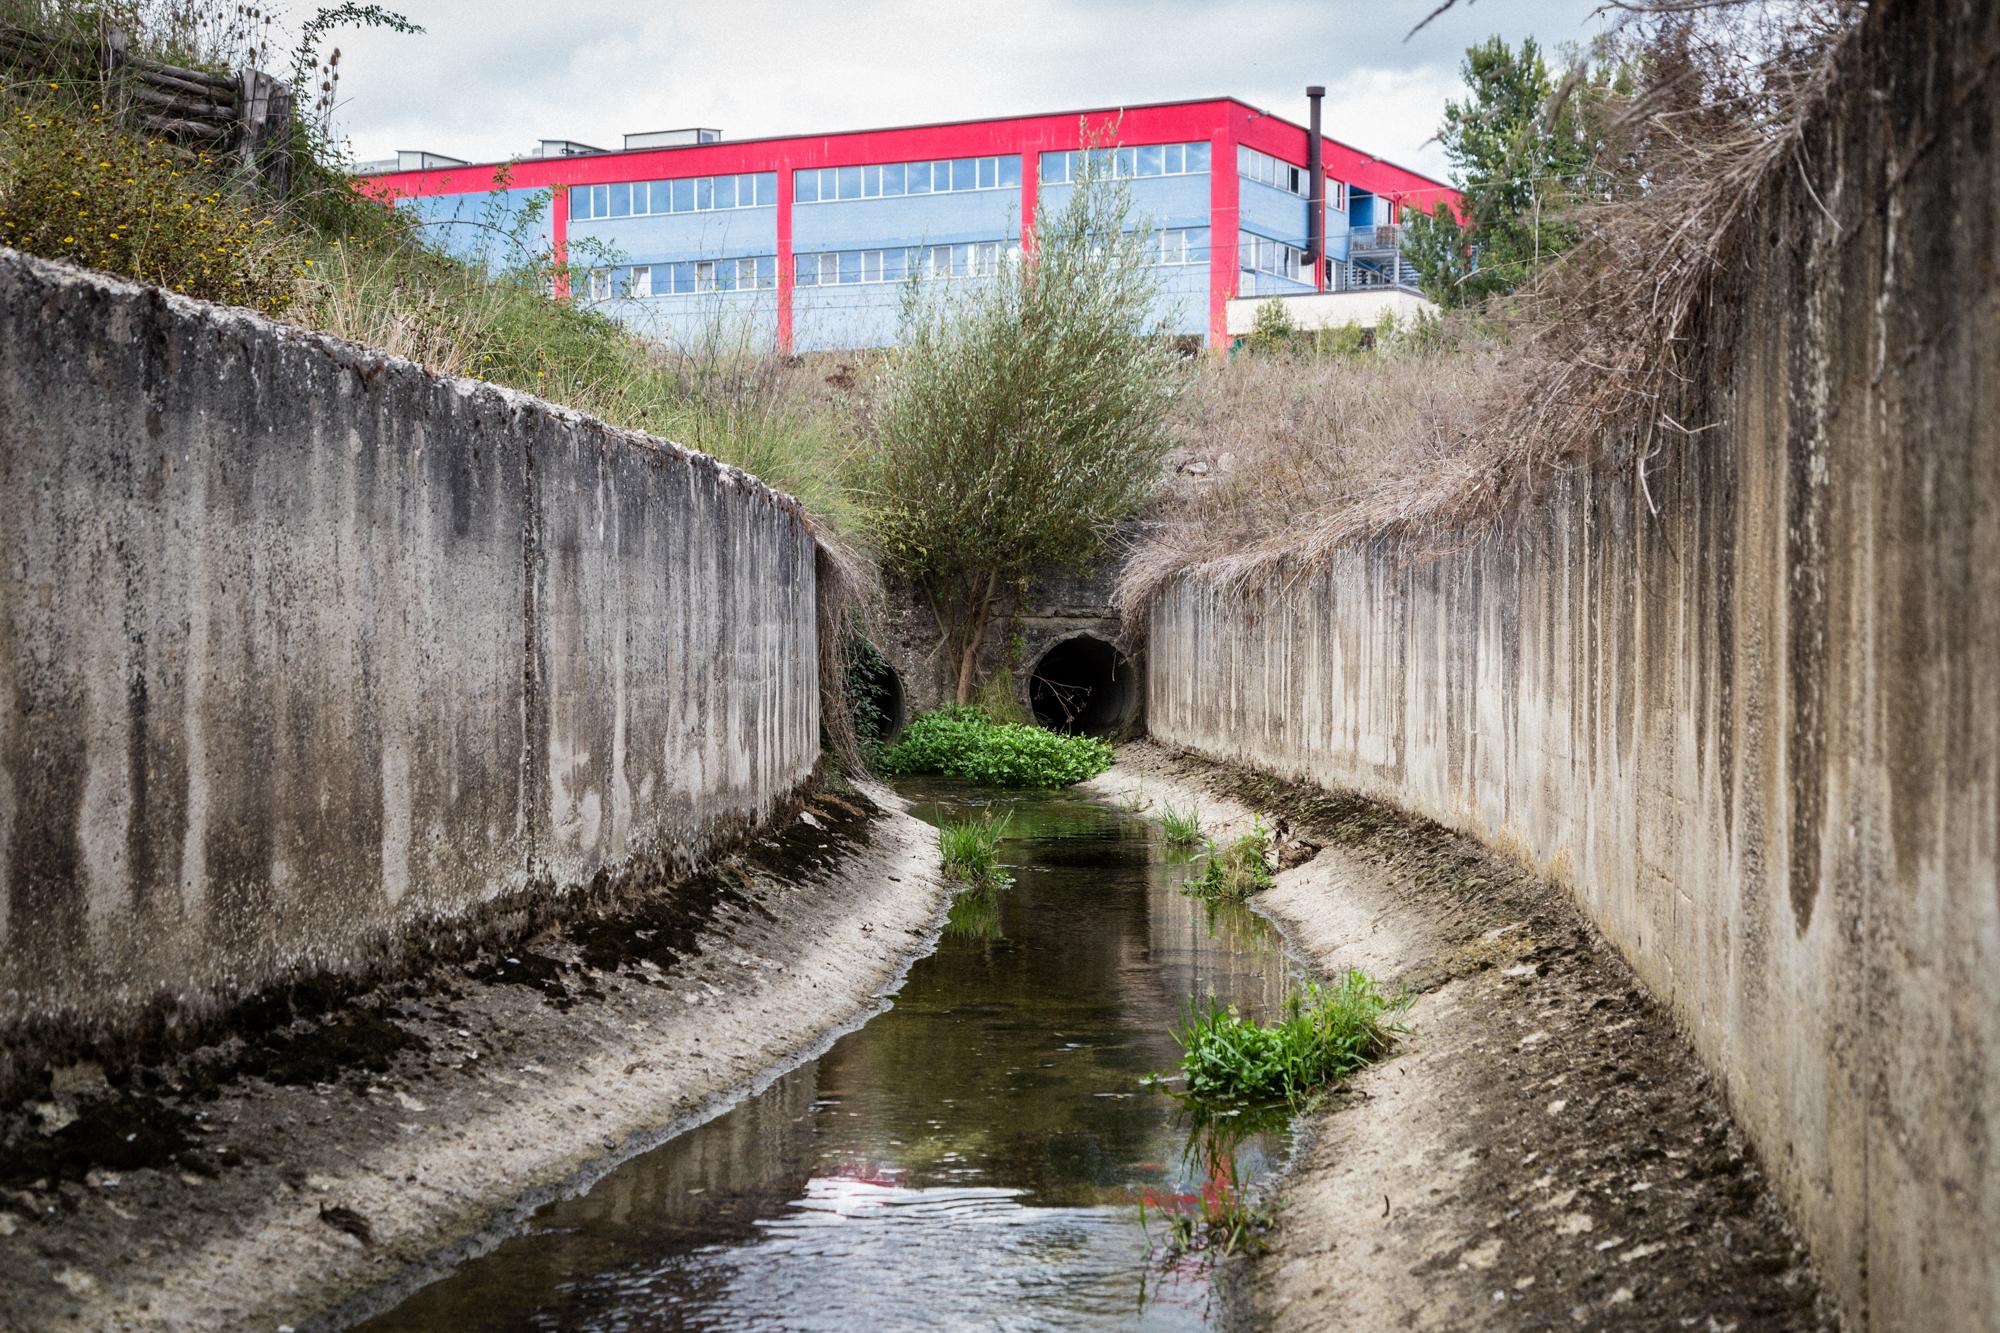 Nel 2009 veniva emessa l'ordinanza di divieto assoluto dell'utilizzo delle acque del Torrente Tora. Secondo il continuo controllo della falda acquifera, risulta ancora presente una contaminazione diffusa evidenziata anche dalle precedenti campagne di monitoraggio partite già nel 2005. Tito (Zona Industriale), Ottobre 2015